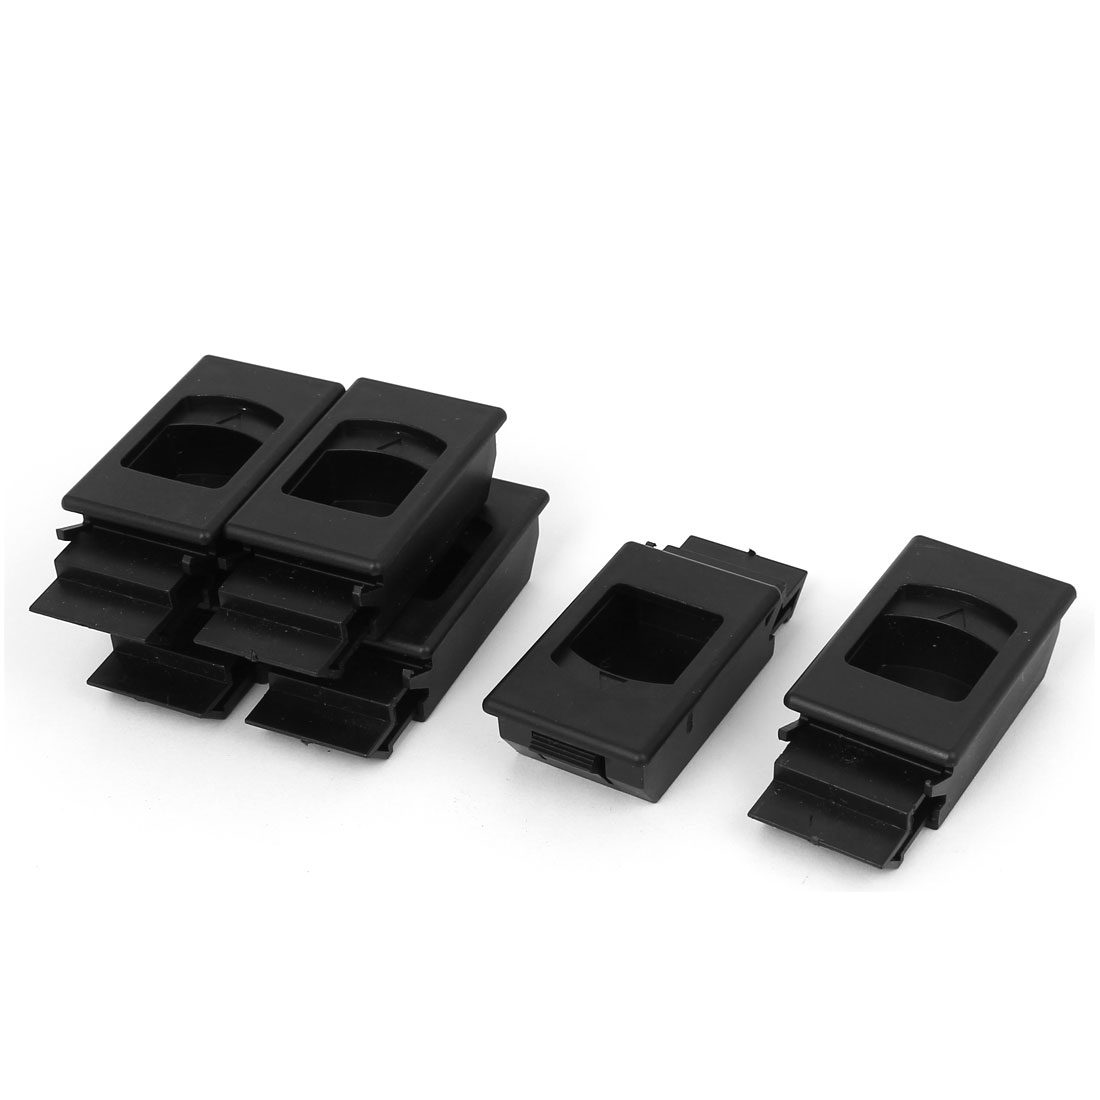 Plastic Inside Pull Rectanglar Slide Latch Black 6pcs for Cabinet